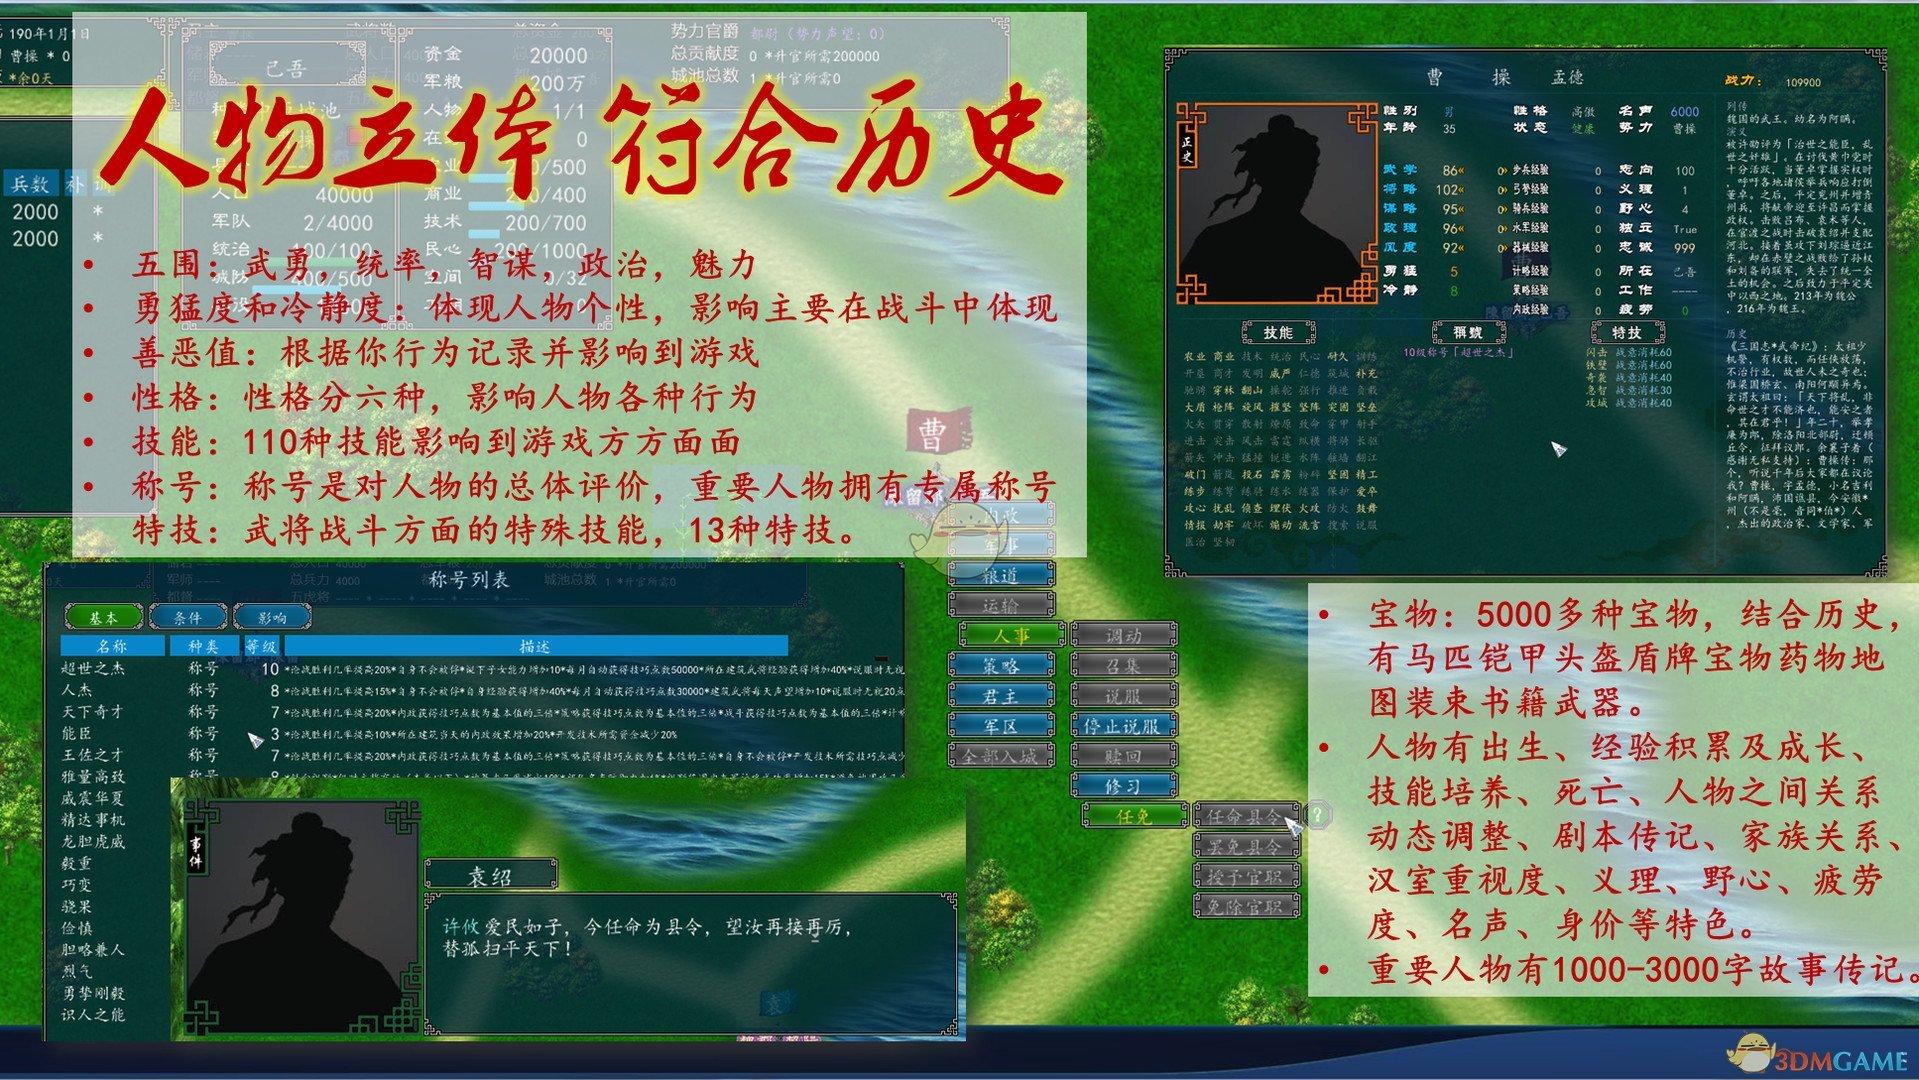 《中华三国志》音乐音效关闭或调整方法介绍